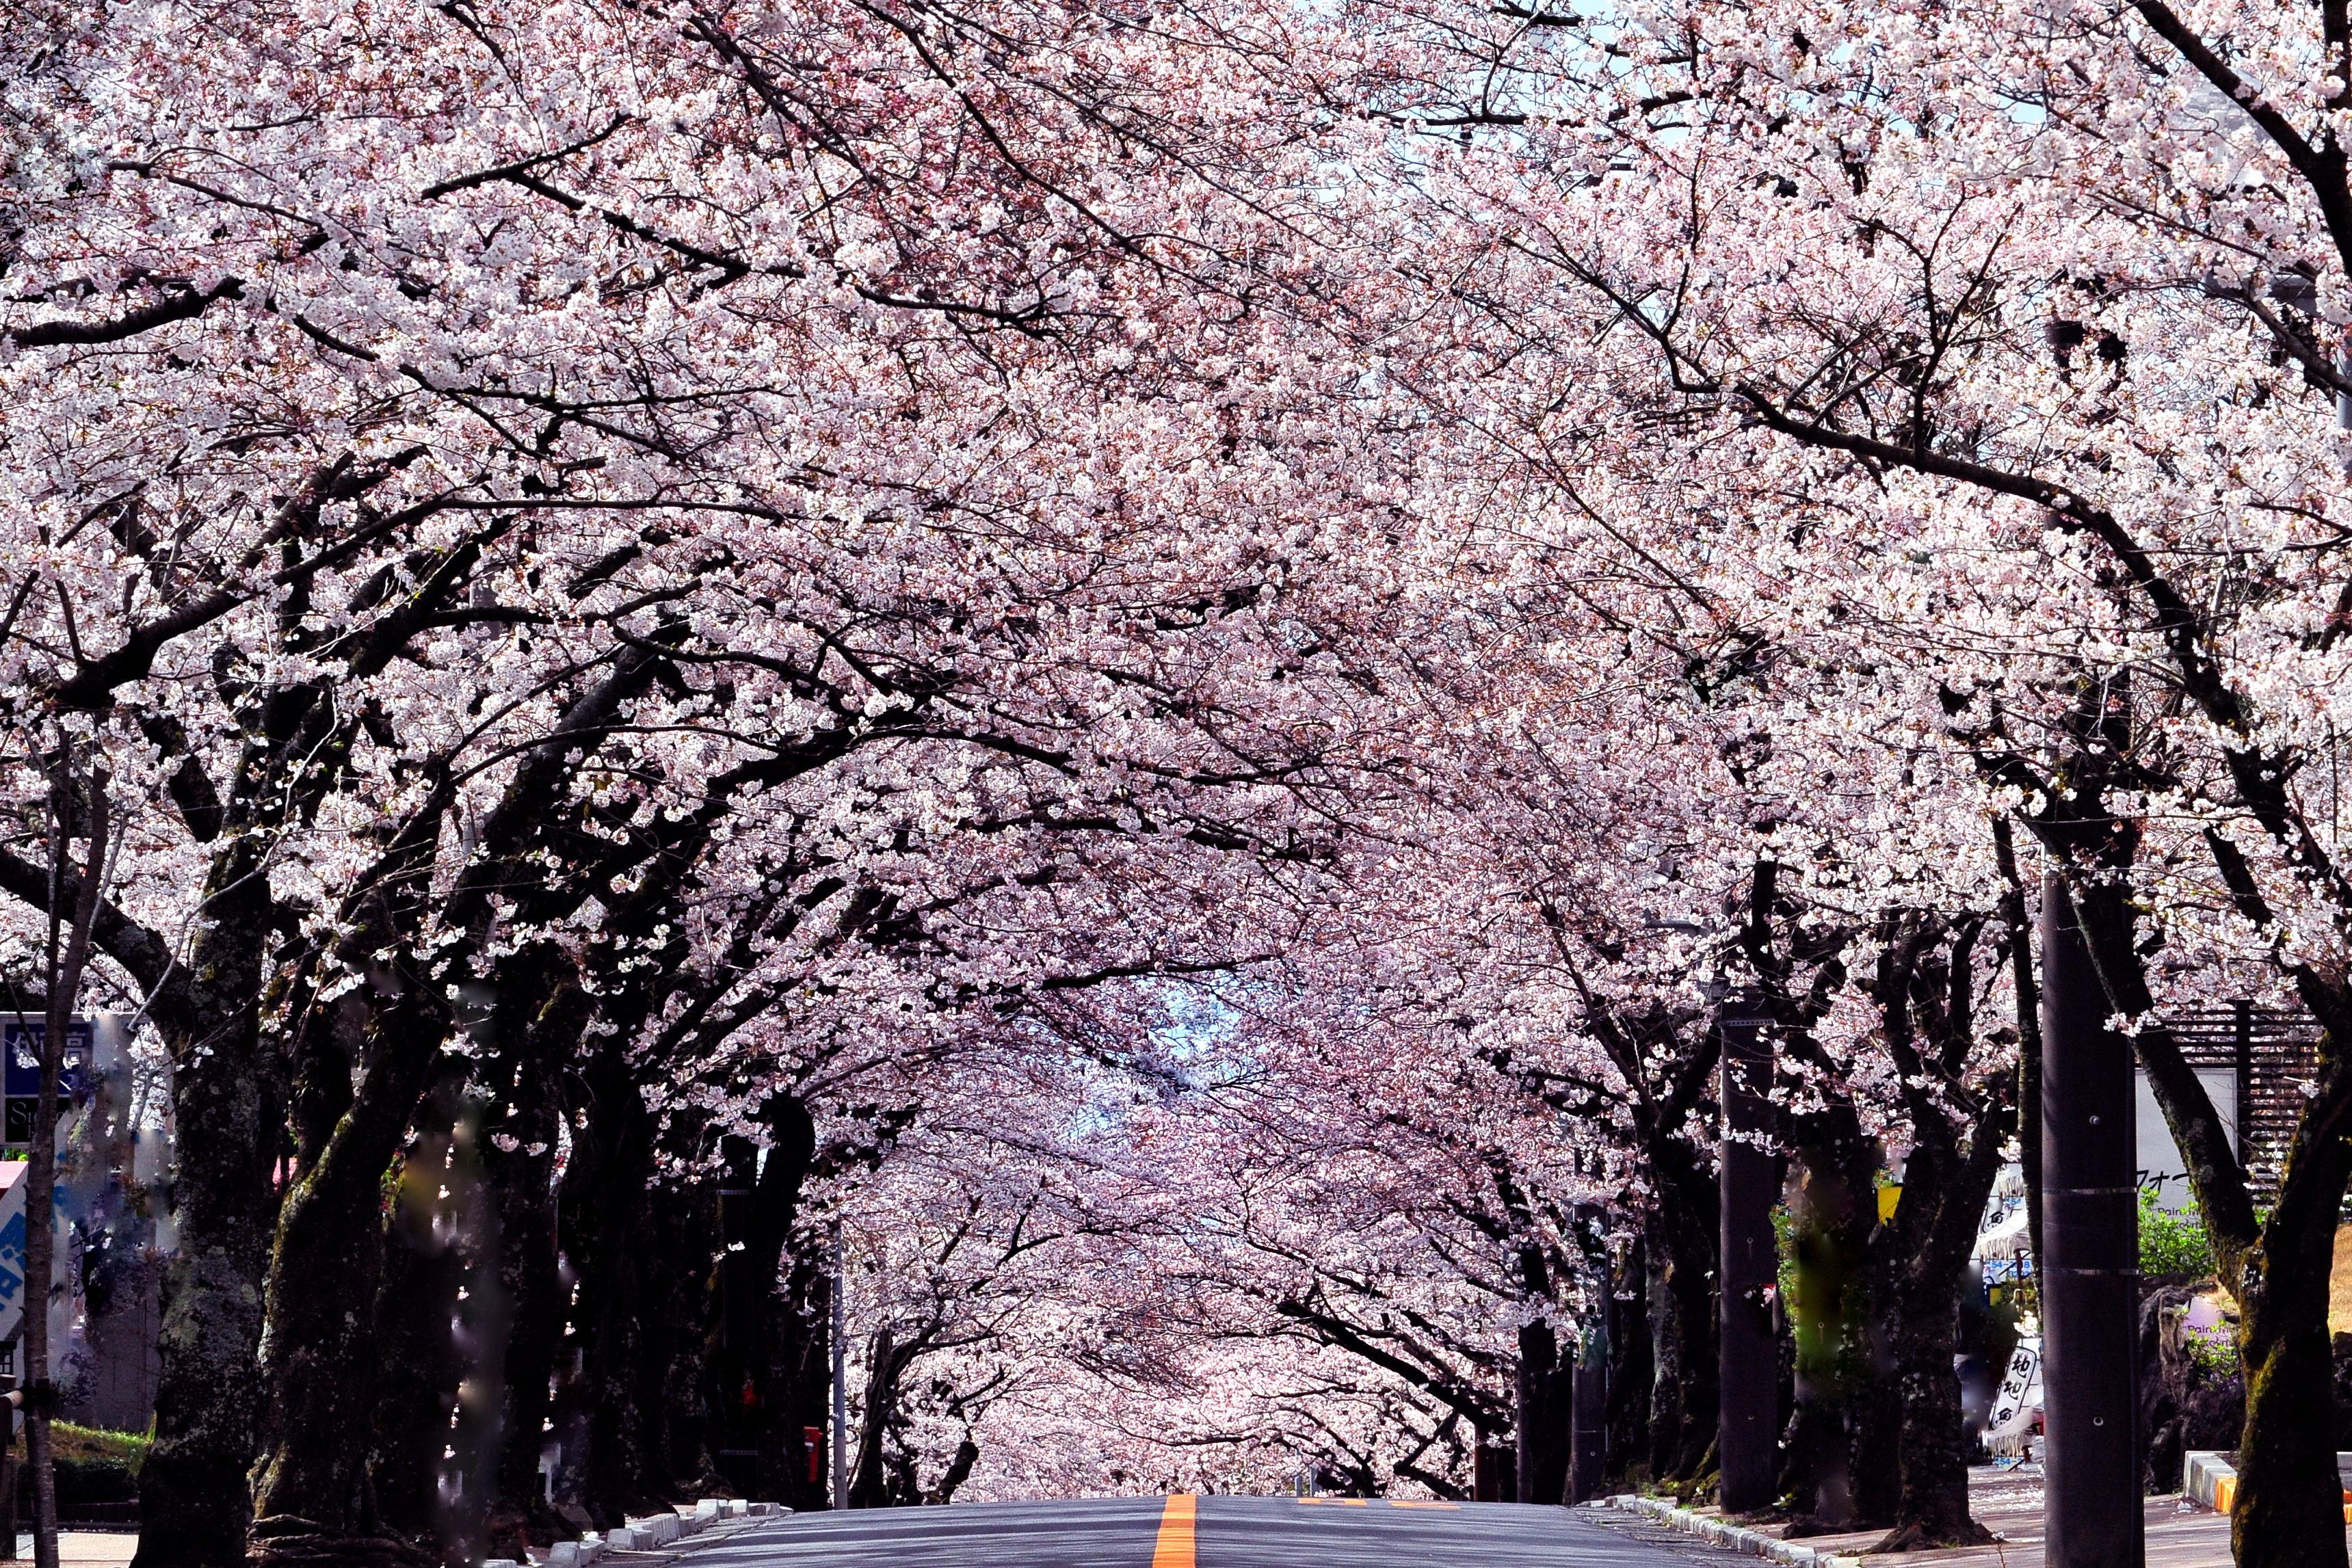 「伊豆高原櫻並木」的圖片搜尋結果